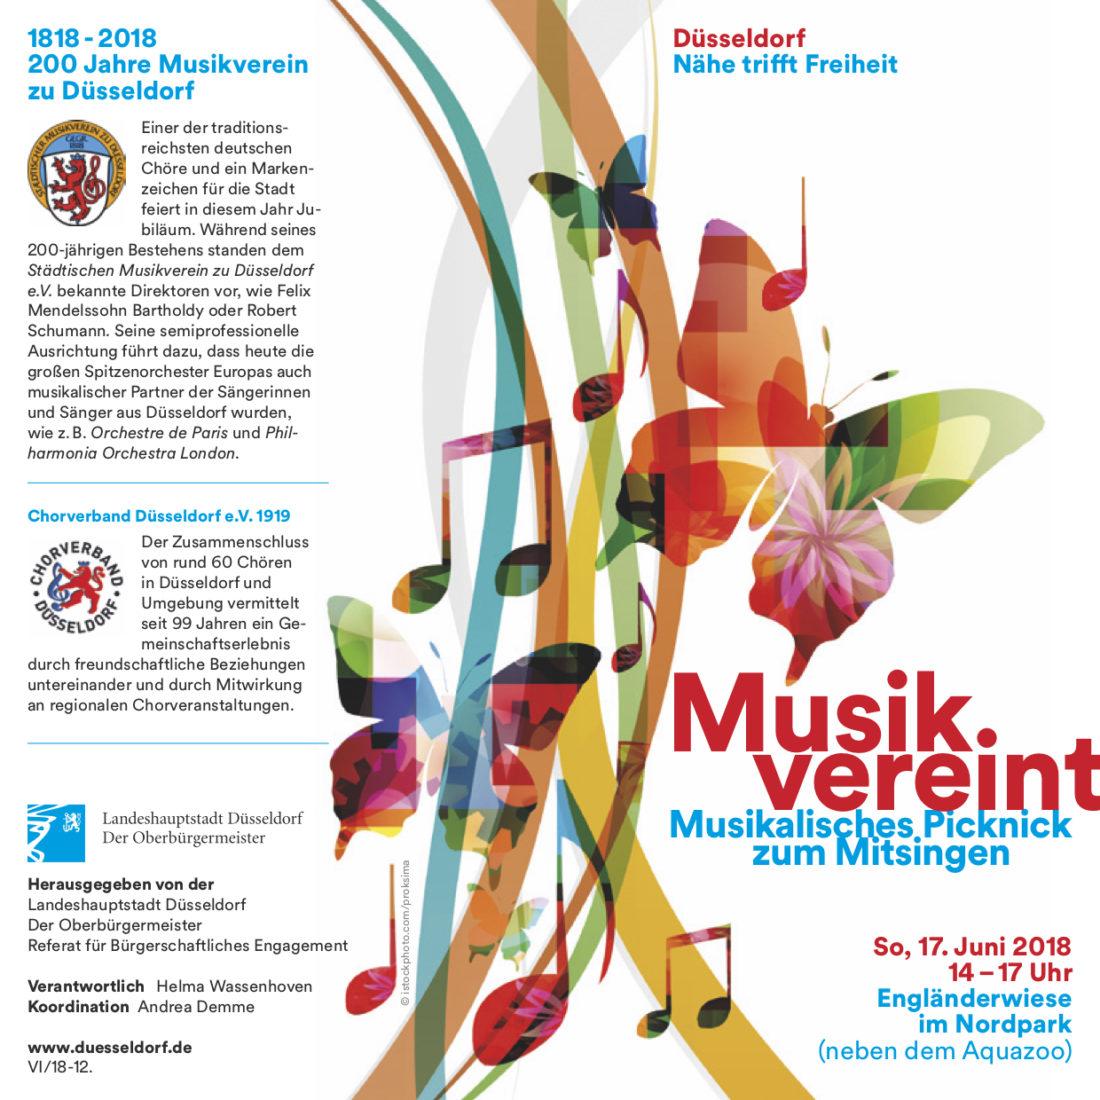 Plakat-Vorderseite zur Open-Air Veranstaltung MusikVereint am 17.6.2018 im Nordpark